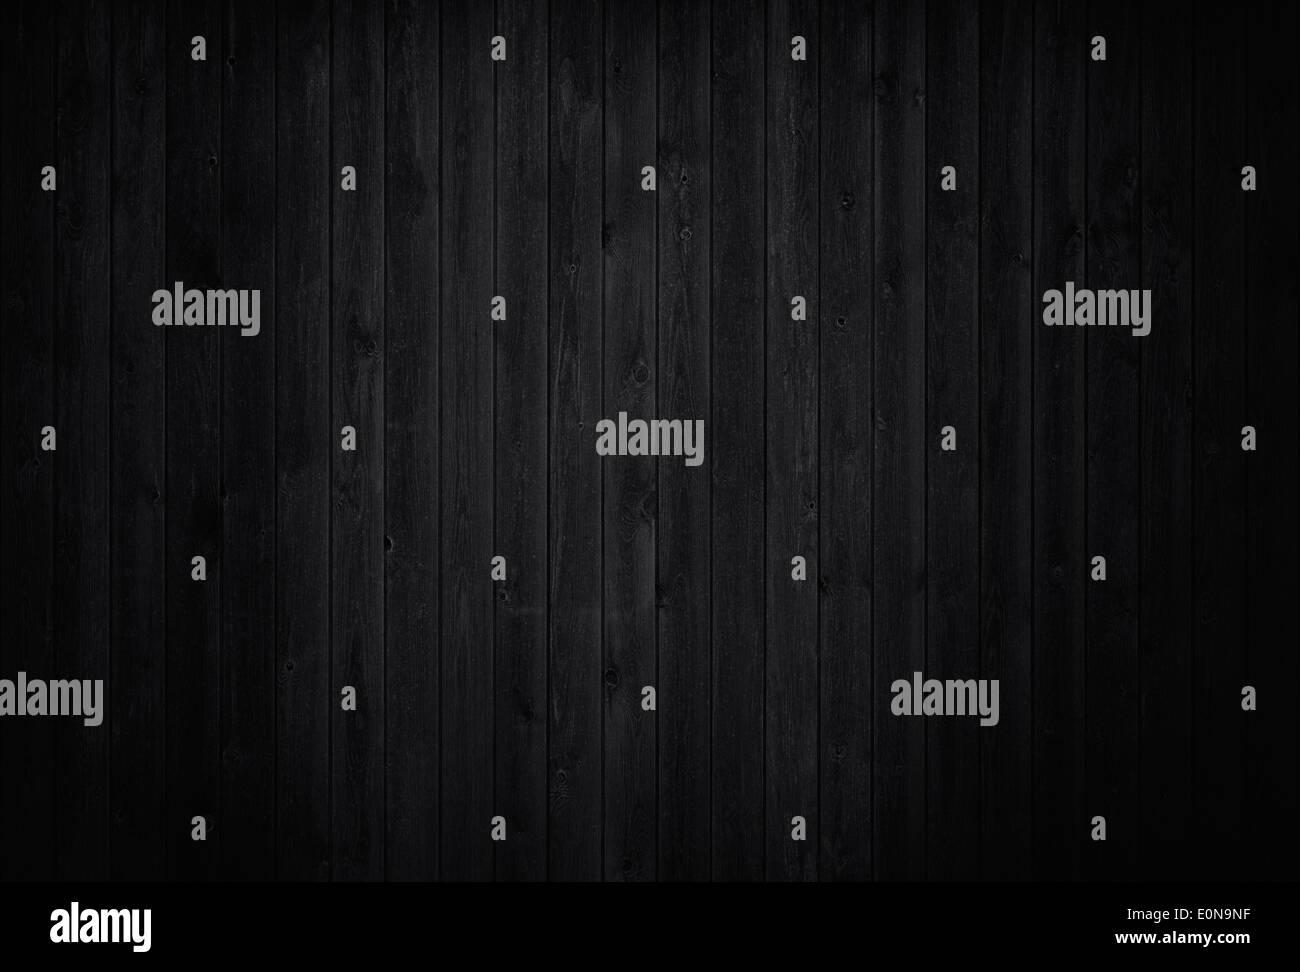 Holzwand Tafeln dunkle schwarze und weiße Textur Hintergrund ...